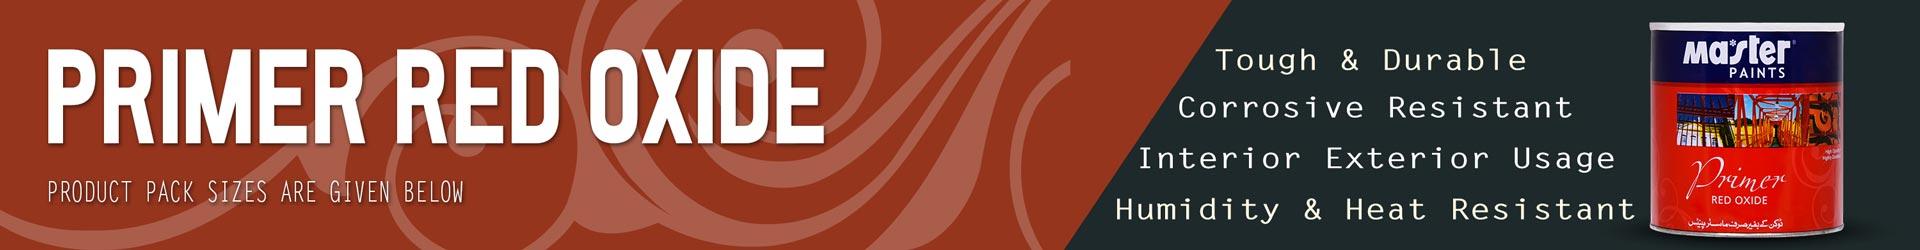 Sep - Primer-Red-Oxide